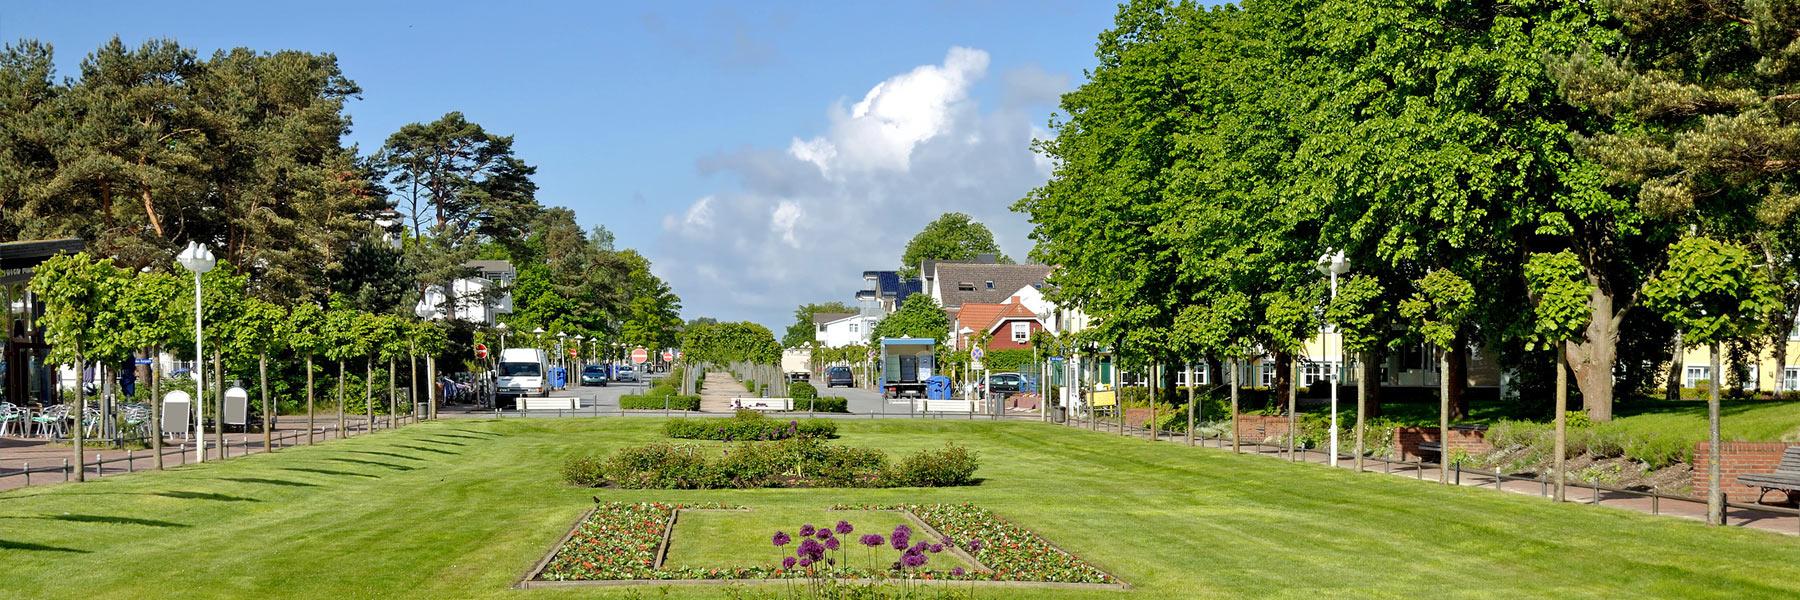 Promenade - Ostseebad Baabe